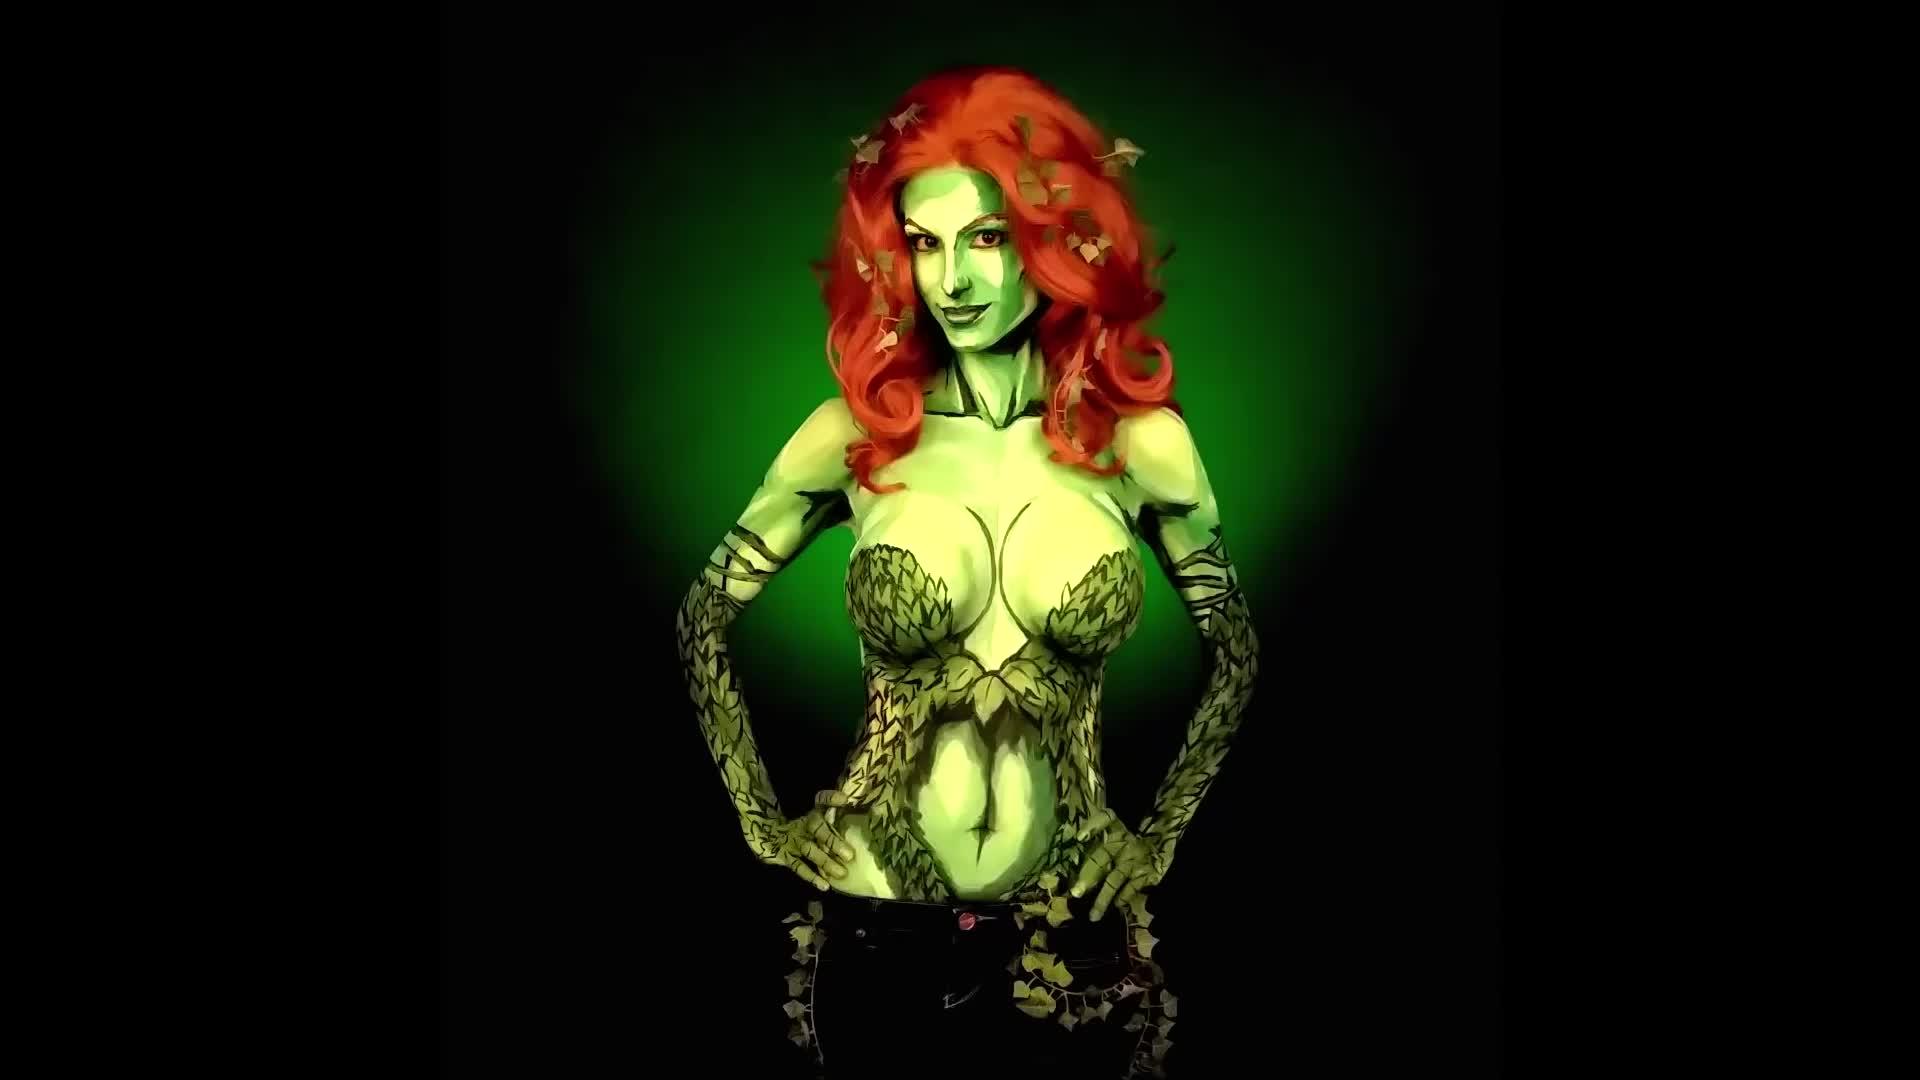 art, body, body art, body paint, body-art, body-paint, bodyart, bodypaint, comic-book, ivy, lapse, paint, painting, poison, poison ivy, poison-ivy, poisonivy, time, time-lapse, timelapse, Poison Ivy Bodypaint Time Lapse GIFs